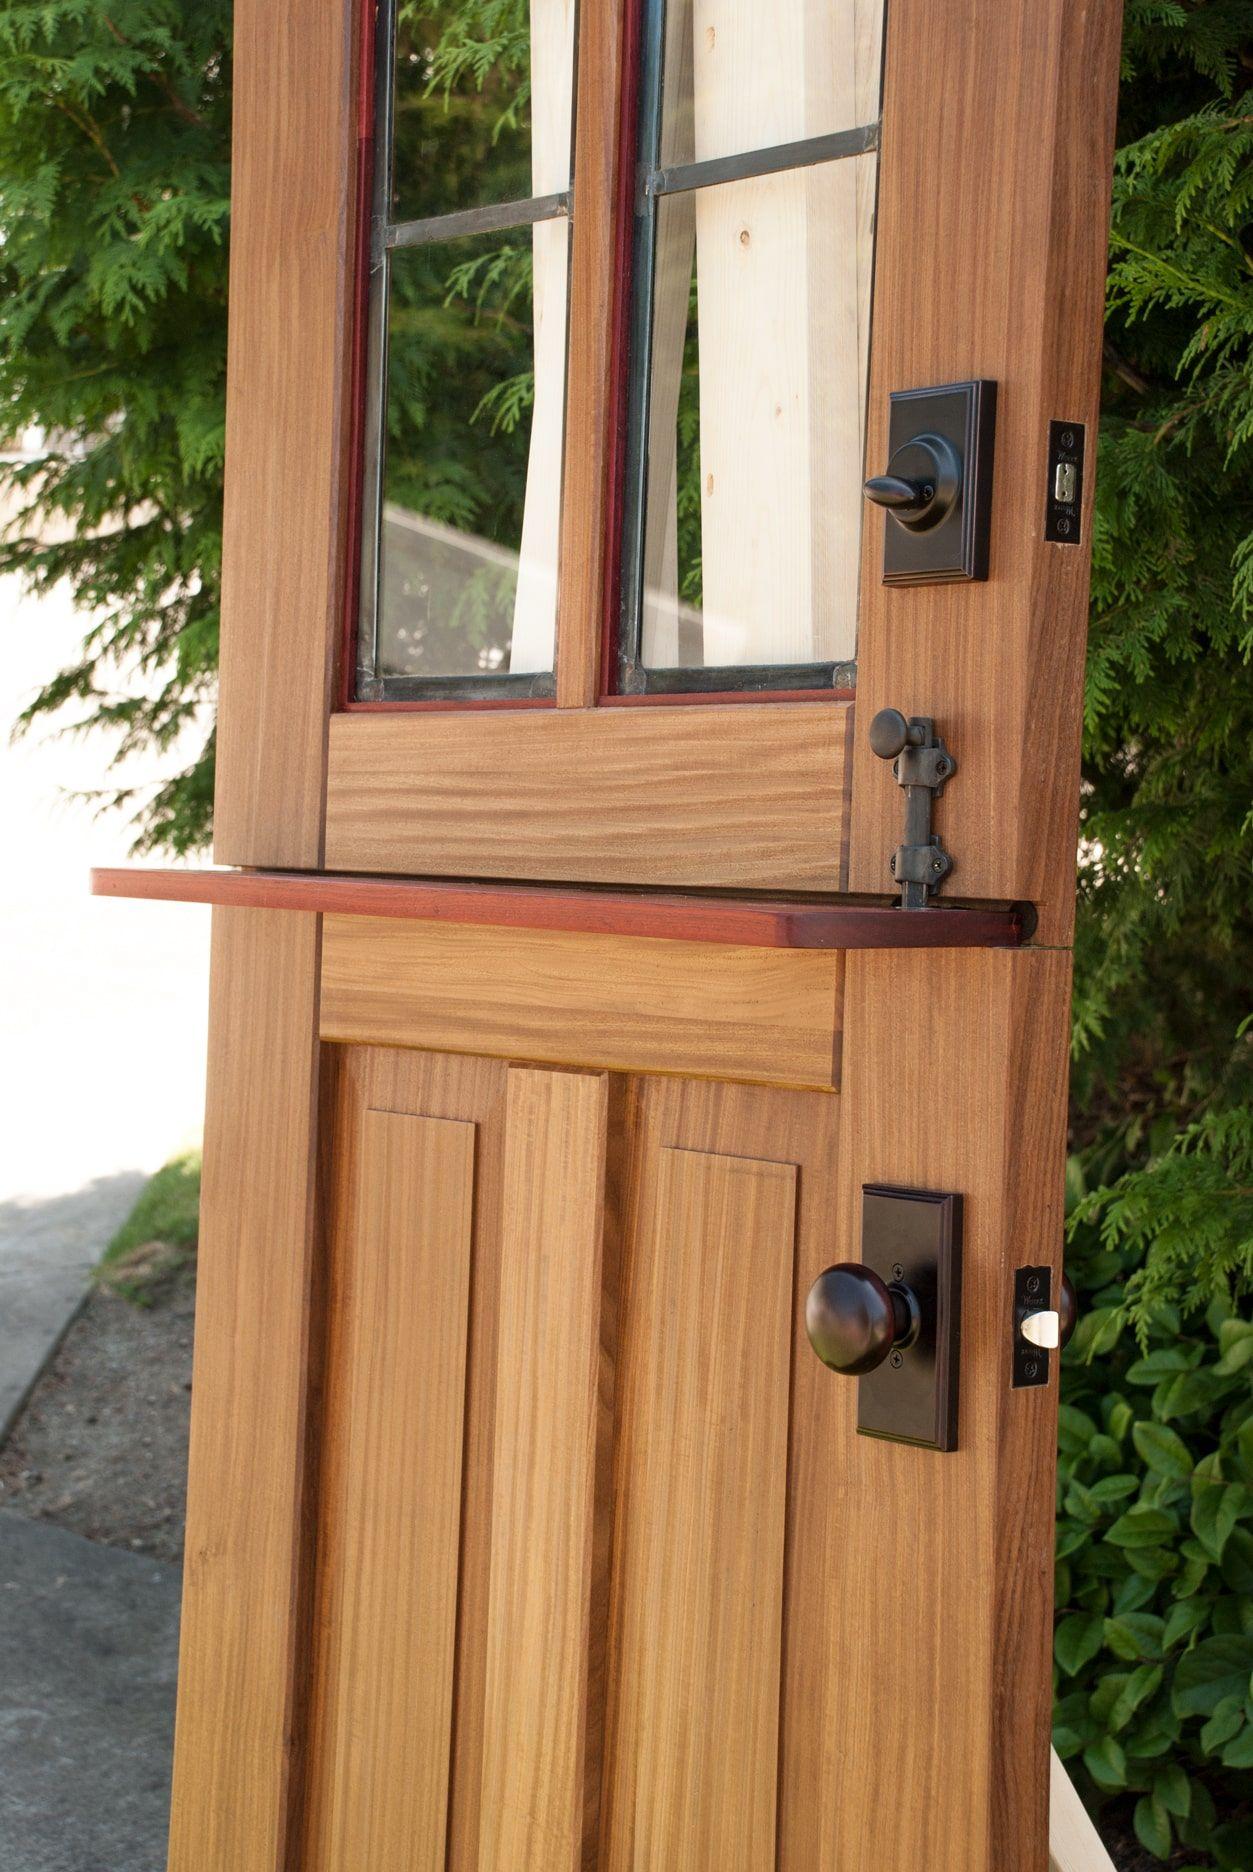 Dutch Door From Real Carriage Door U0026 Sliding Hardware.